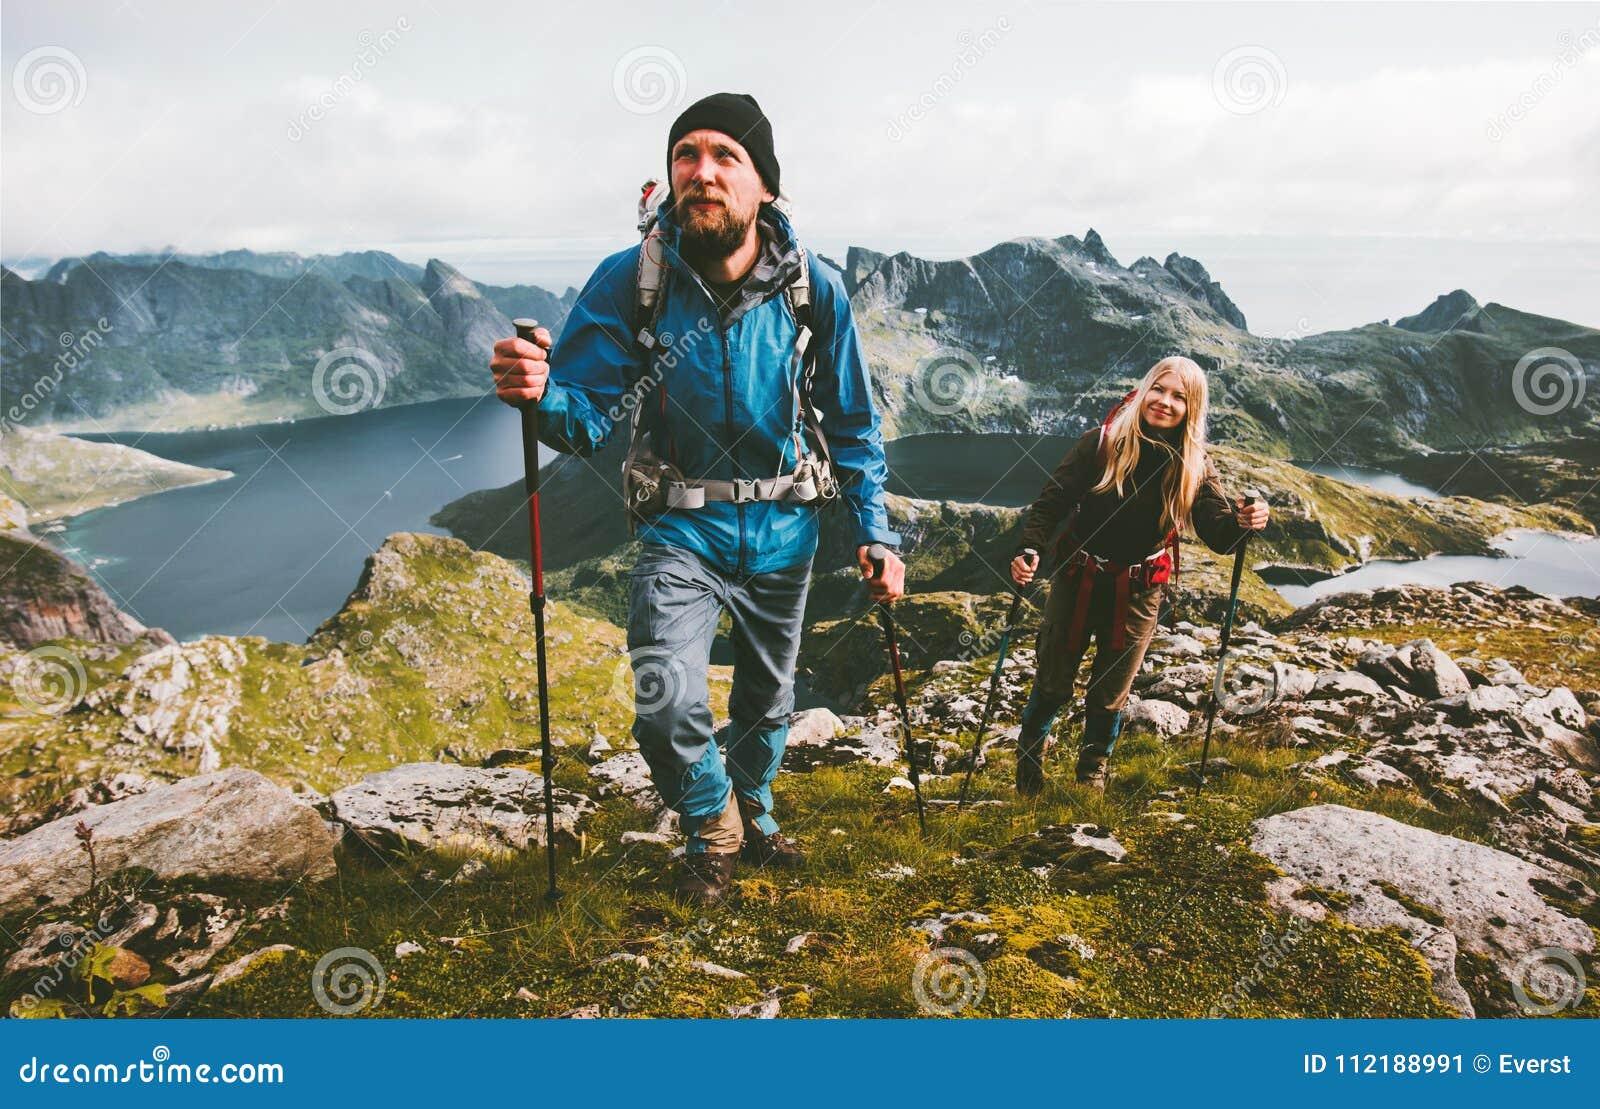 步行在山家庭旅行的夫妇旅客